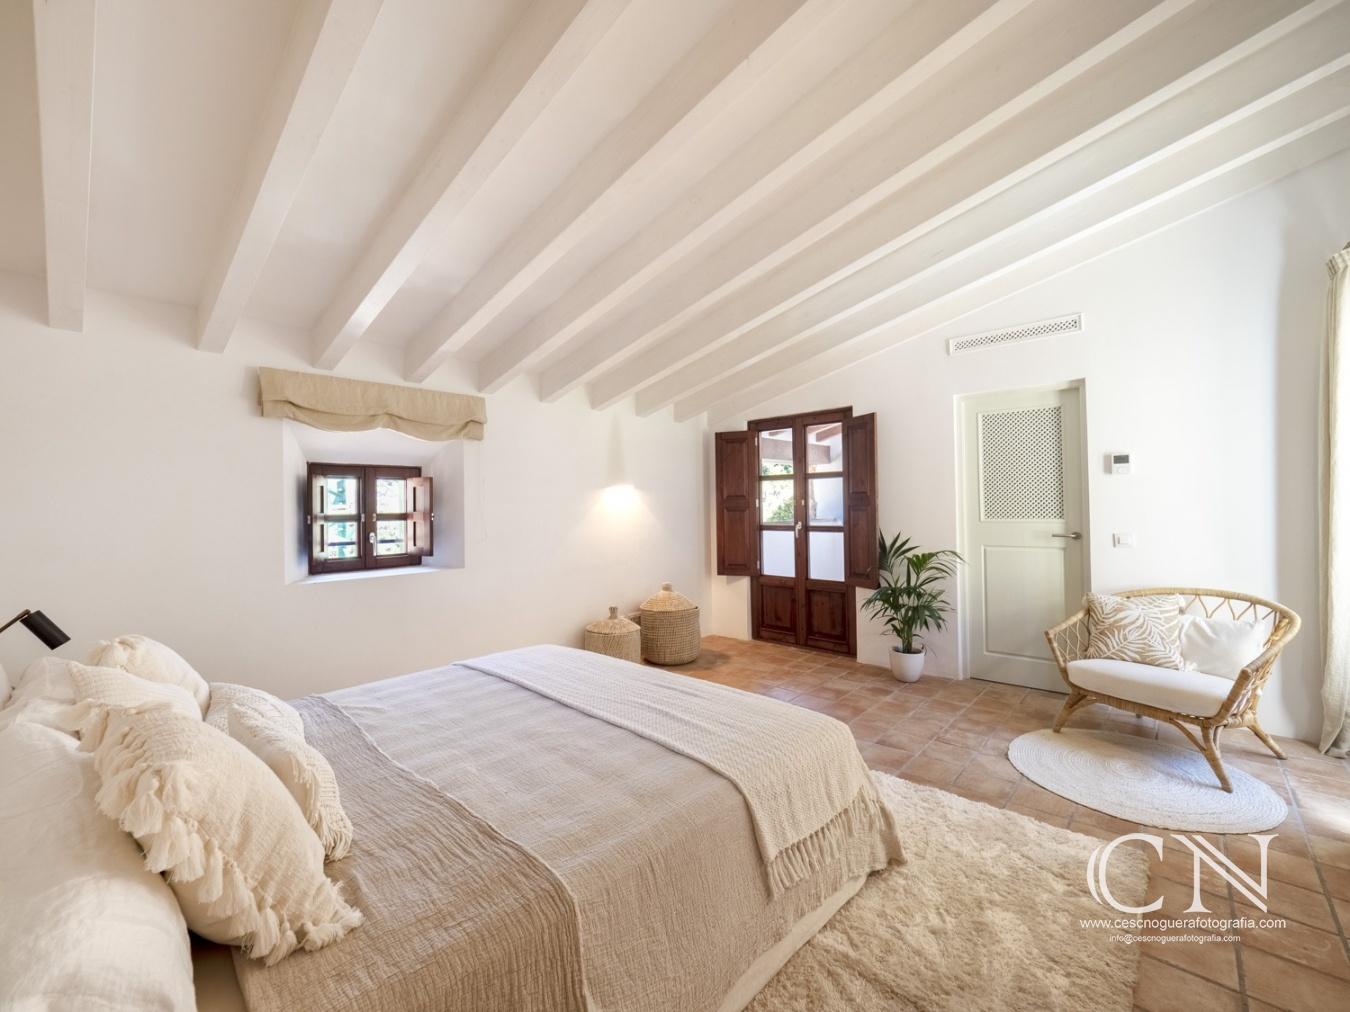 Casa a Deià - Cesc Noguera Fotografia, Quando la fotografia è una passione, Architectural & Interior design photographer / Landscape Photography